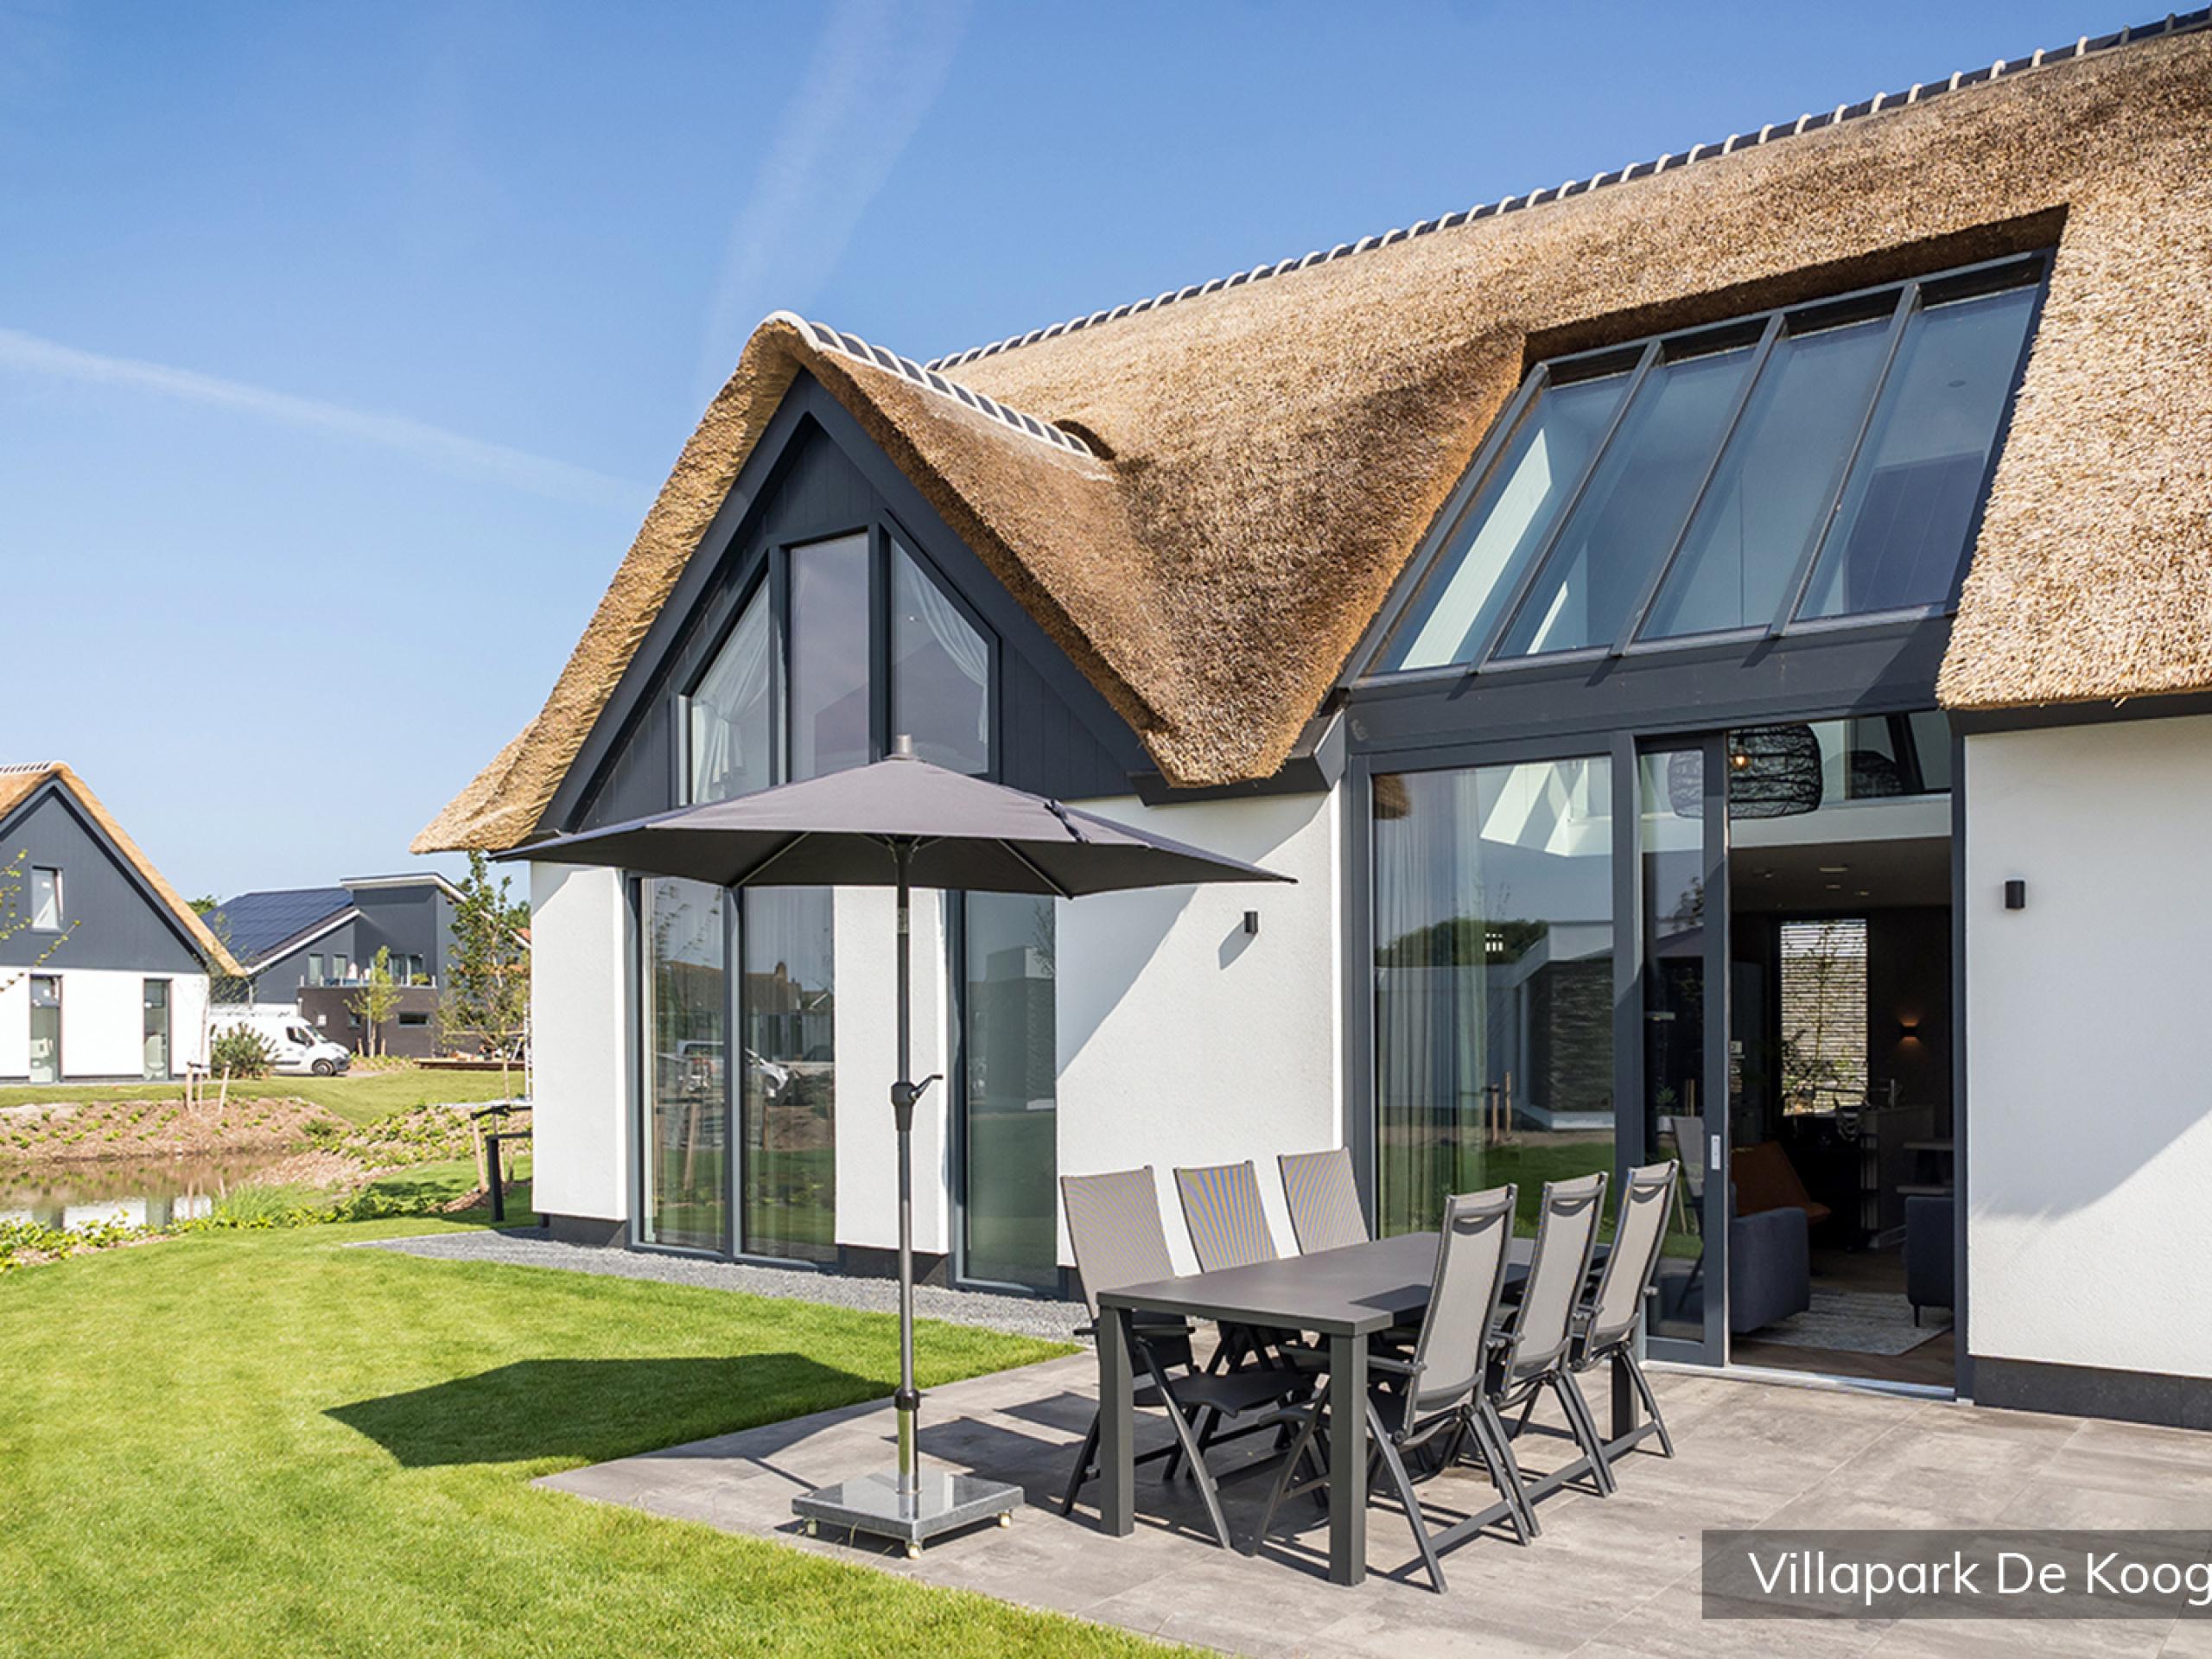 Luxury family villa for 6 people in a villa park in De Koog